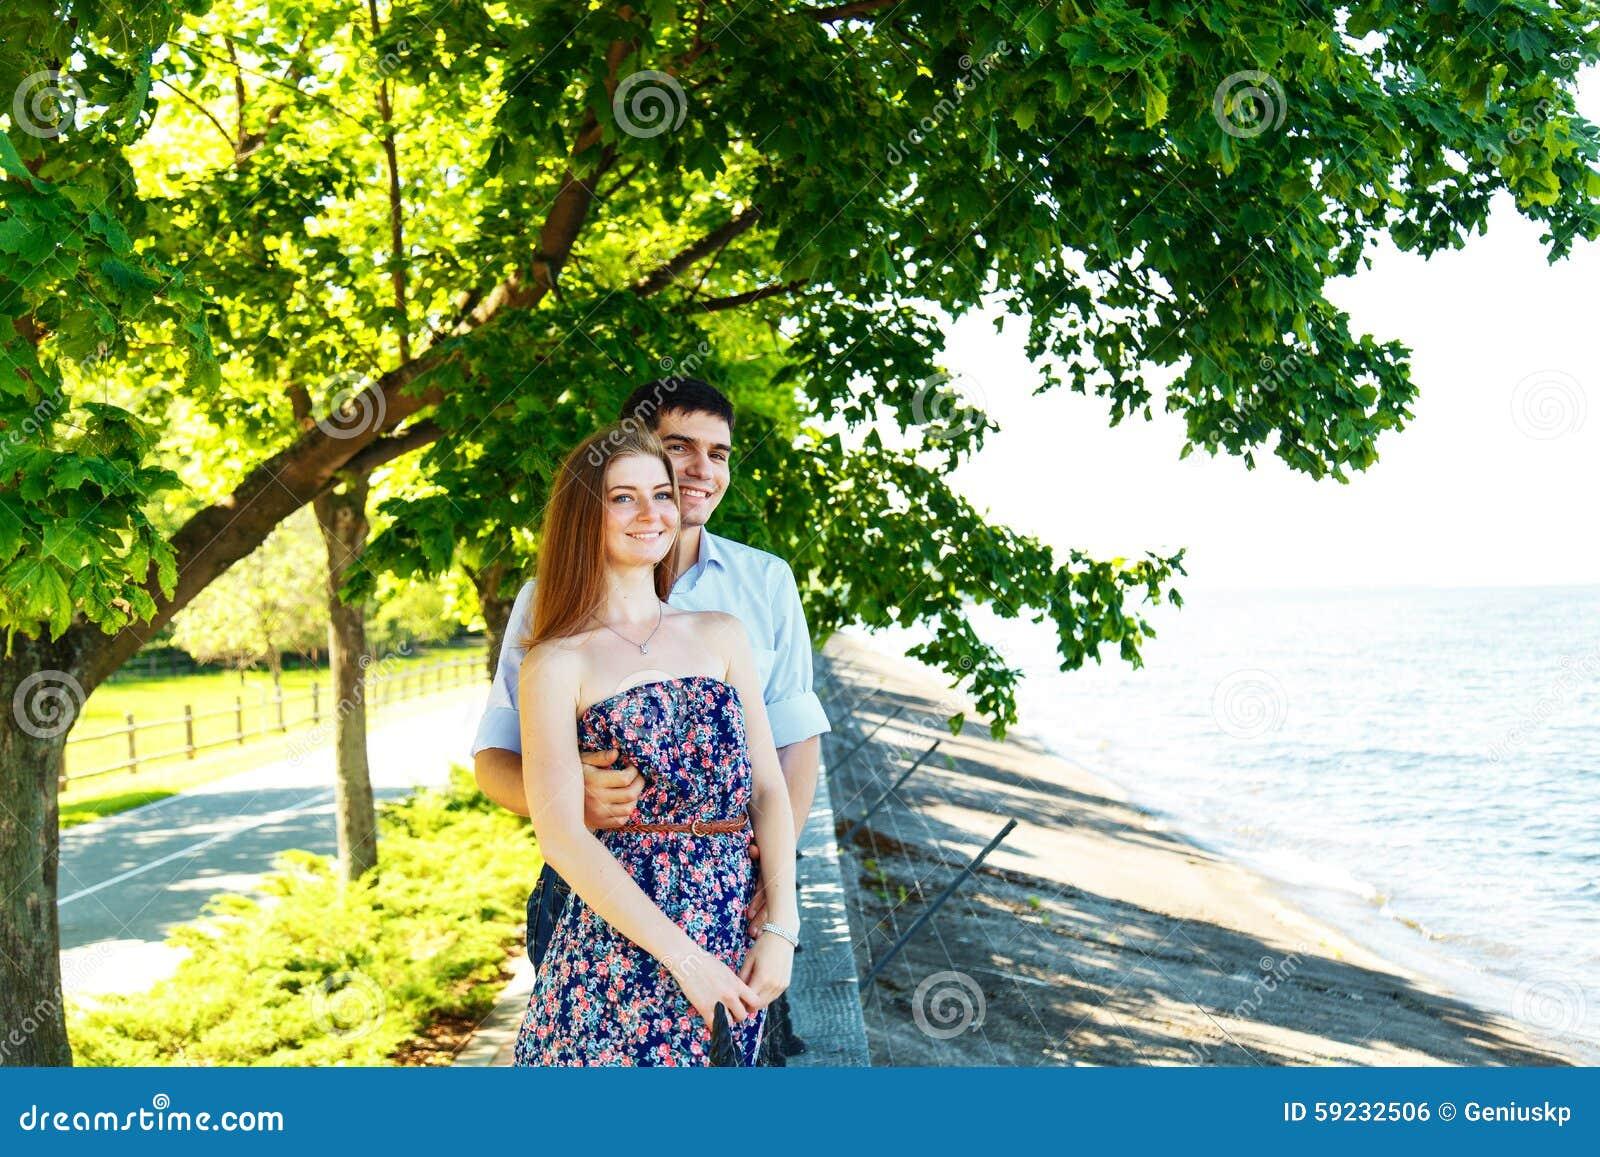 Amantes hombre joven y mujer